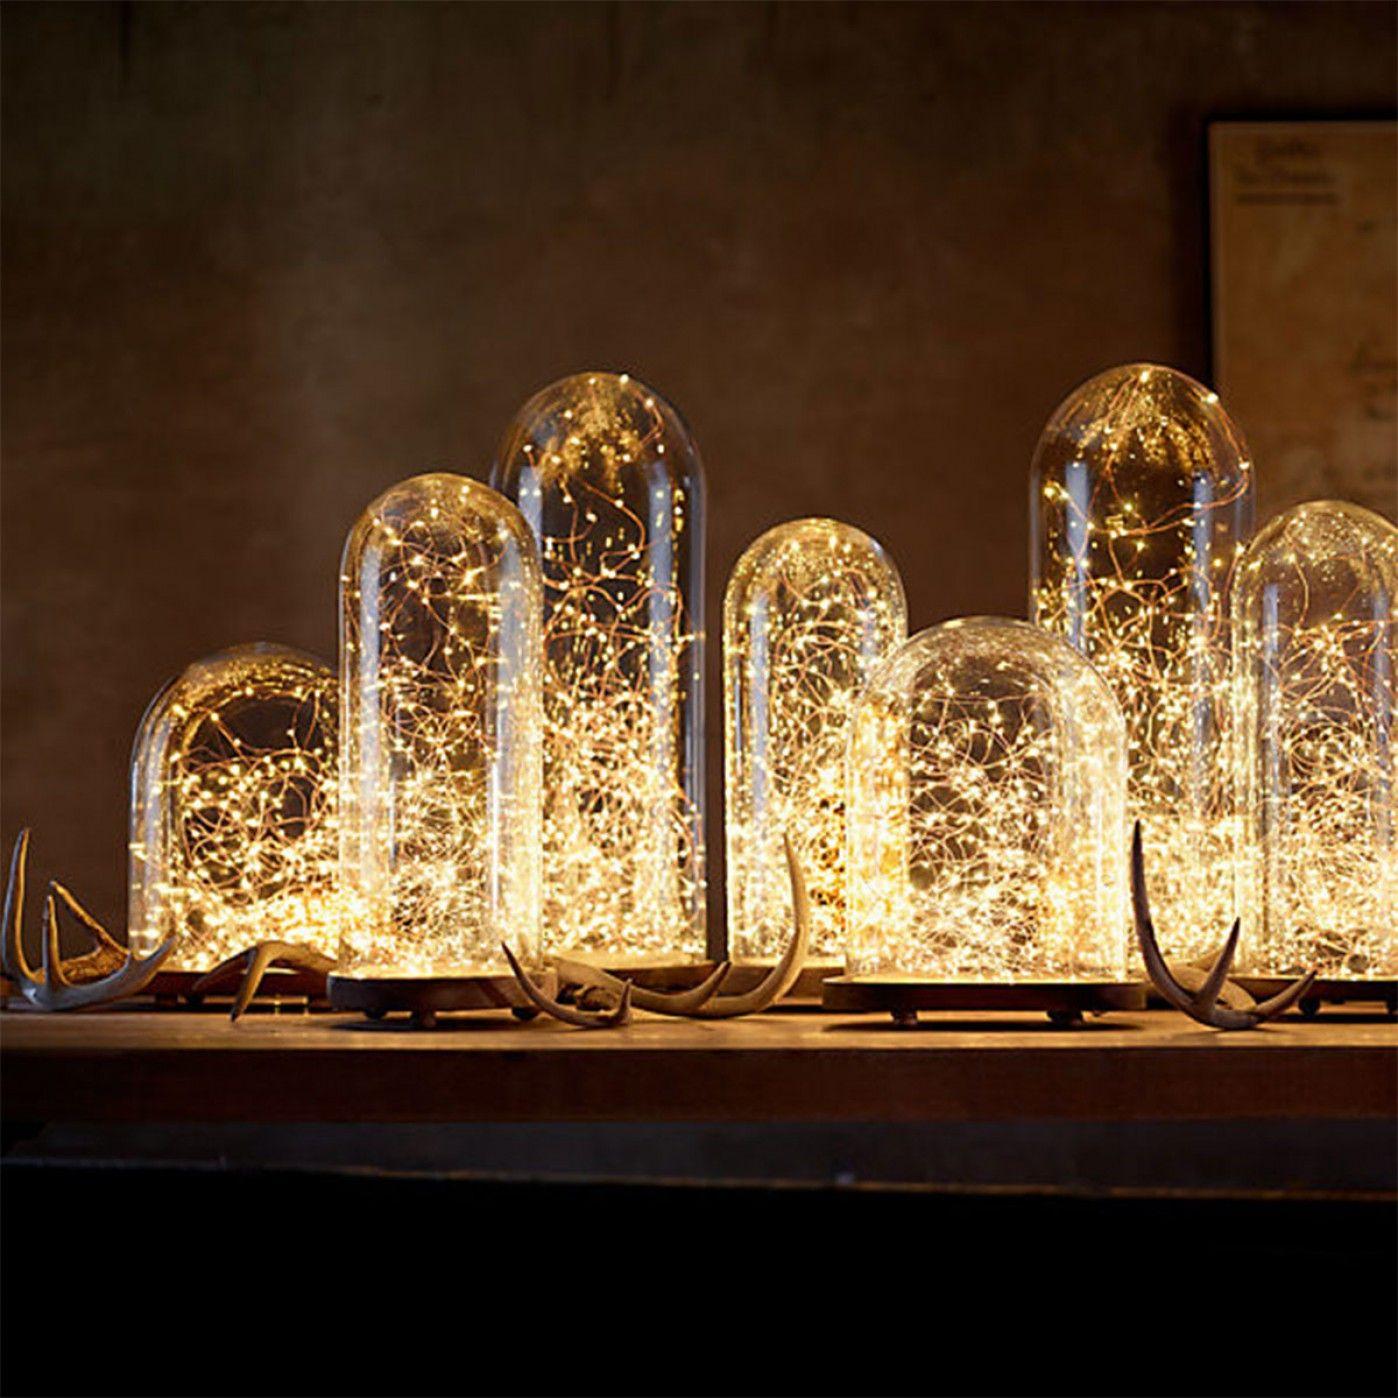 Lichterkette aus Kupfer | Trautes Heim, Lichterkette und Heim